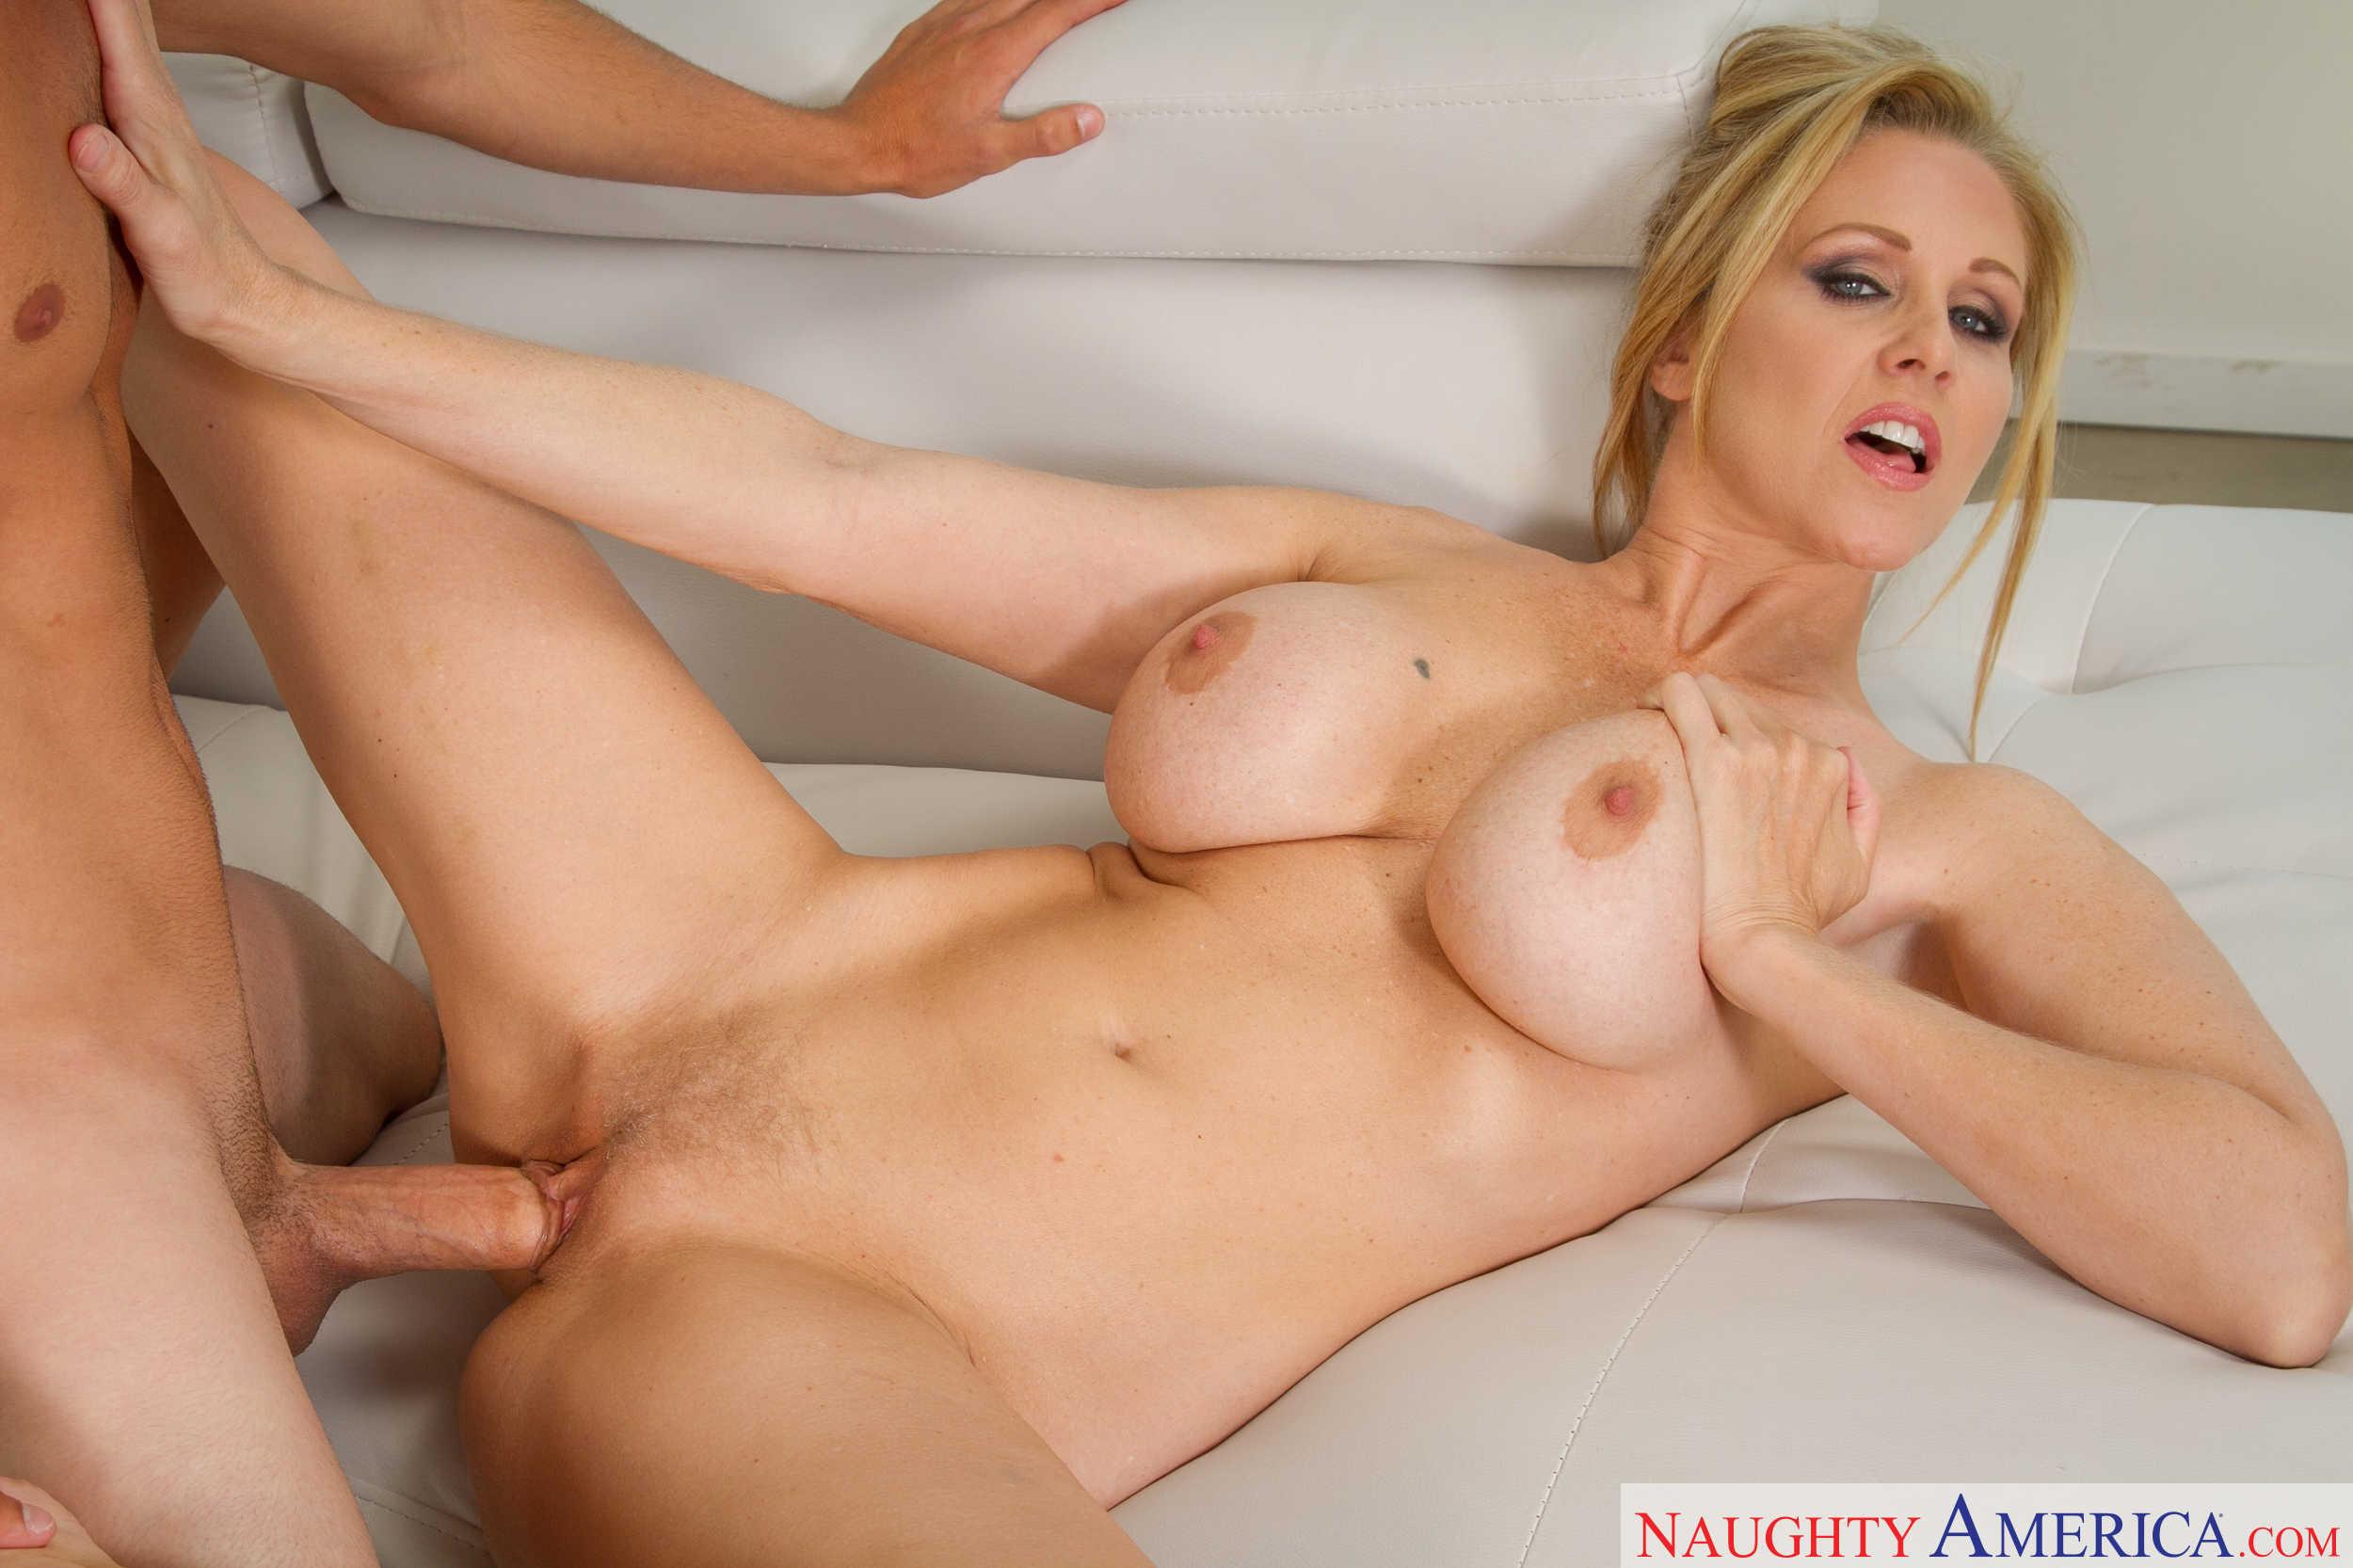 julia nickson nude photos